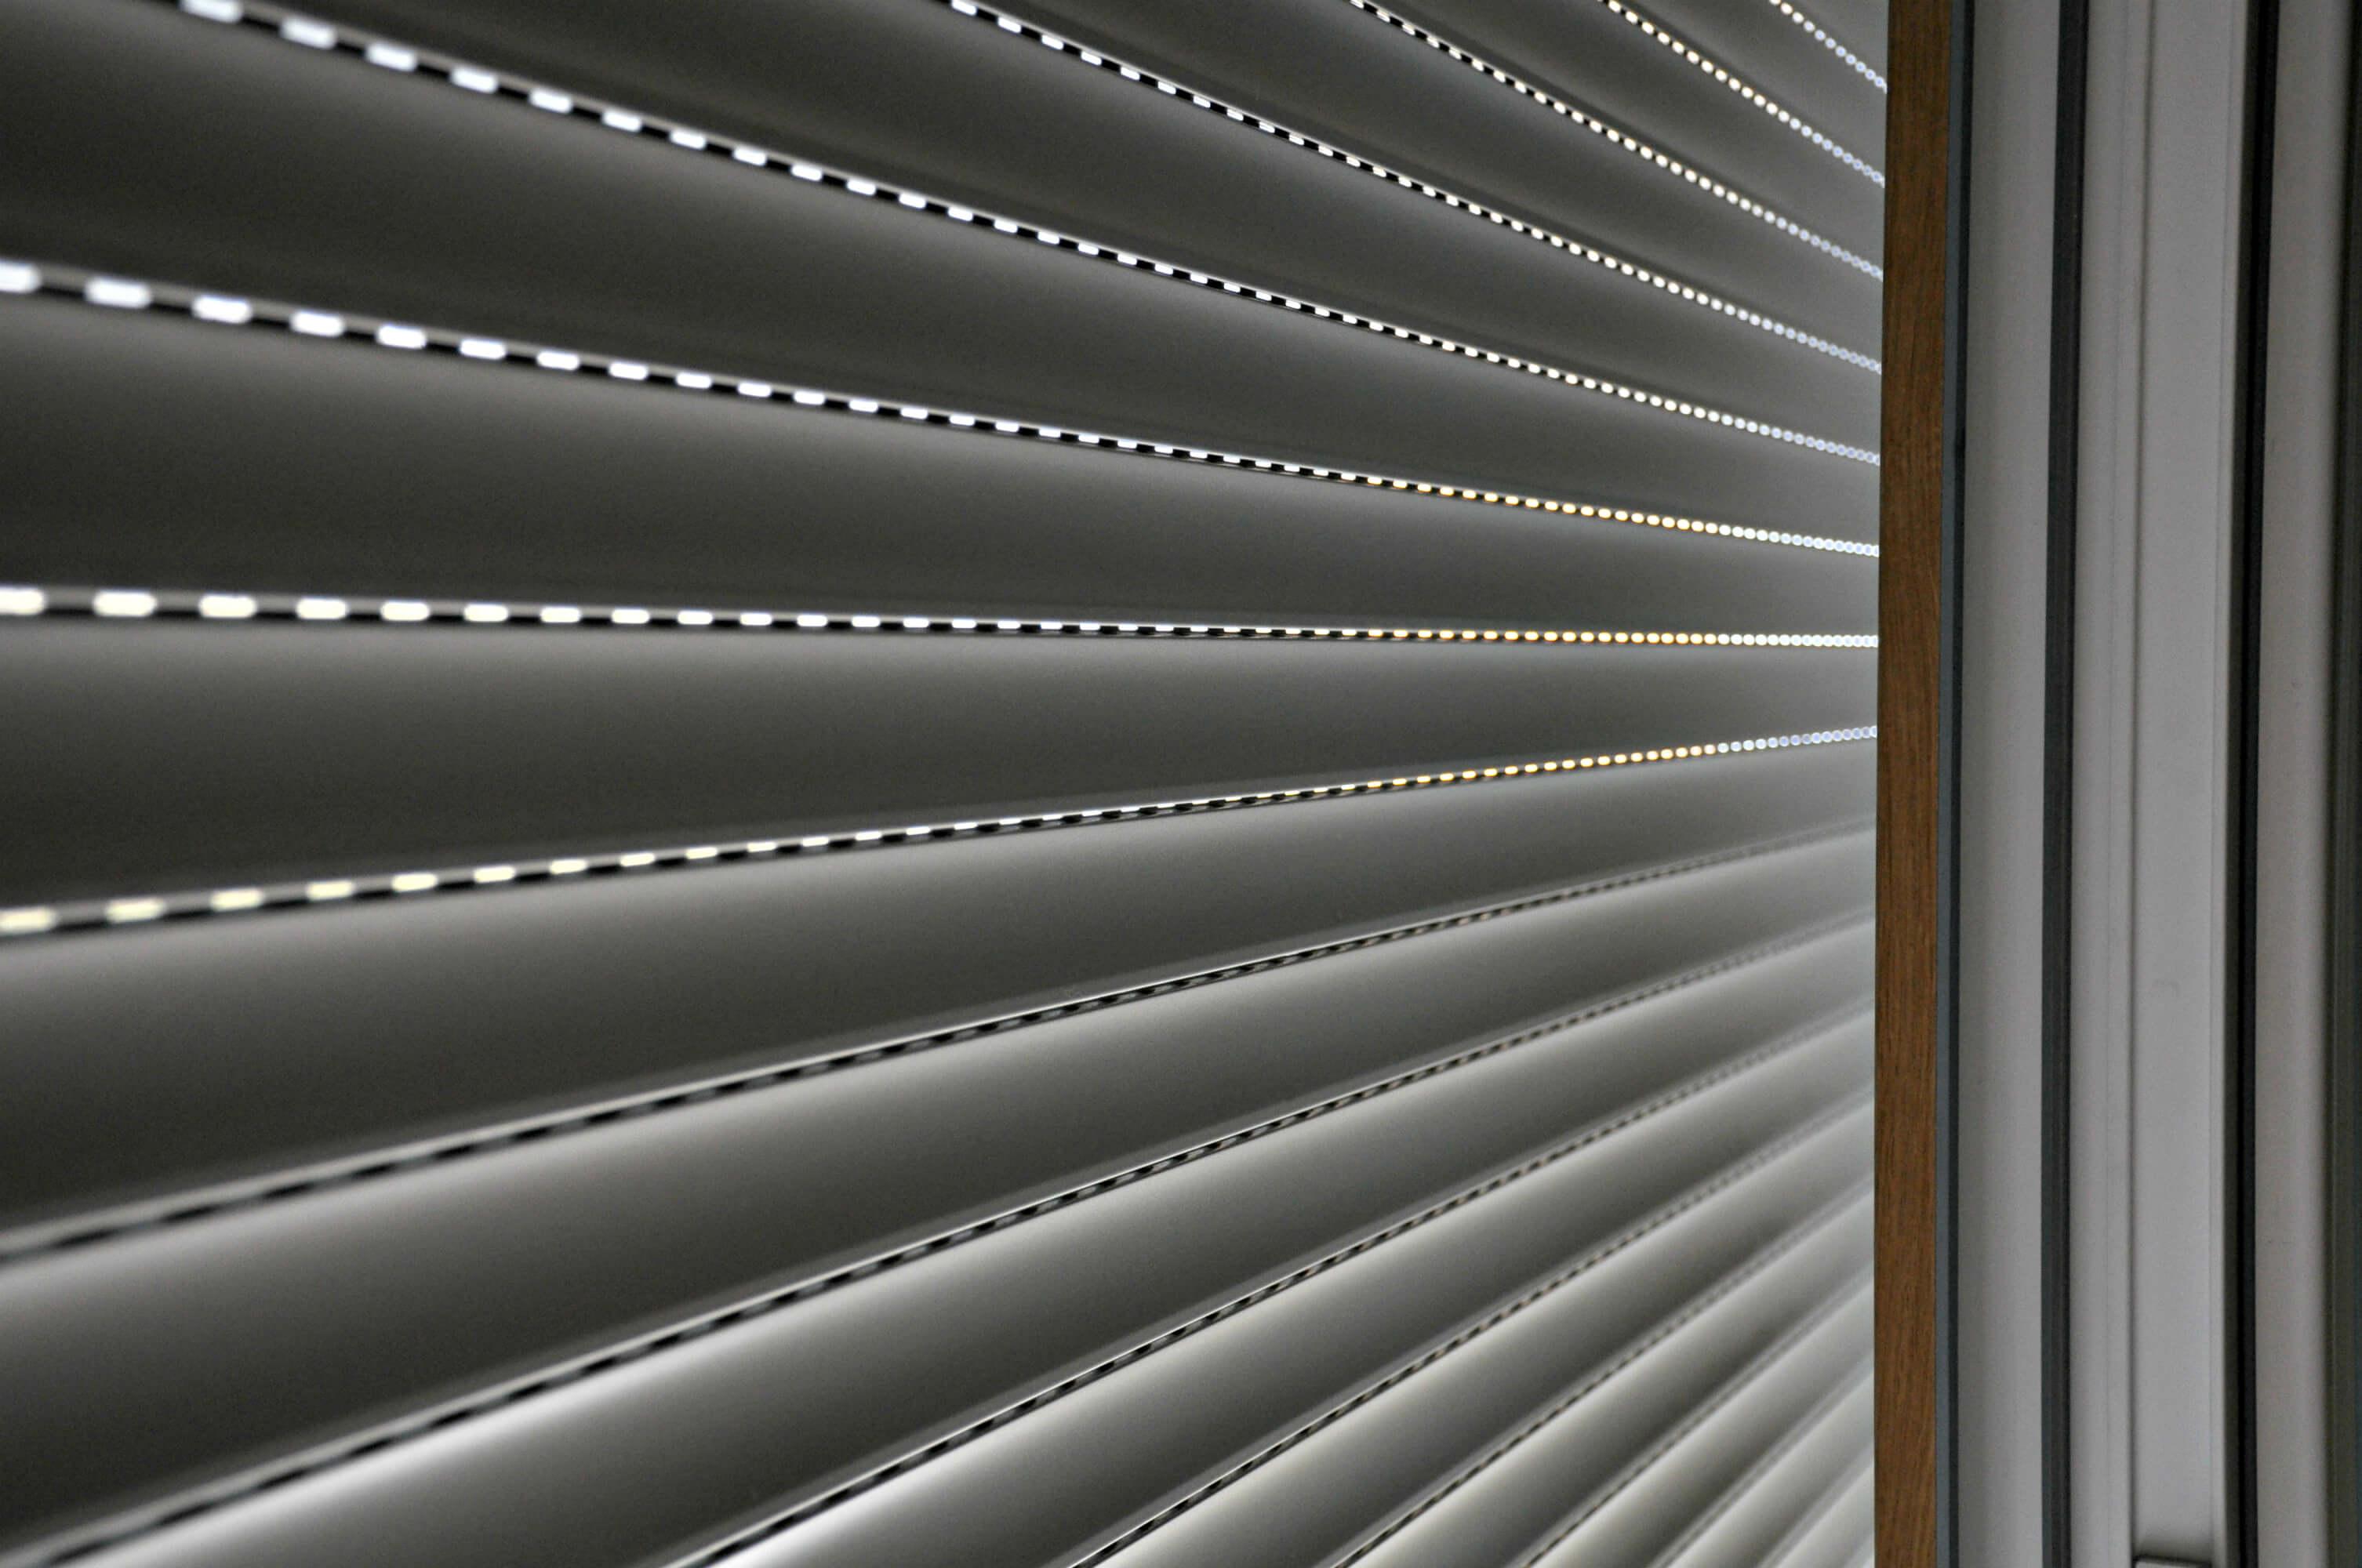 Cassonetti Esterni Per Avvolgibili.Avvolgibili In Pvc Alluminio E Acciaio Legno Imap Casa